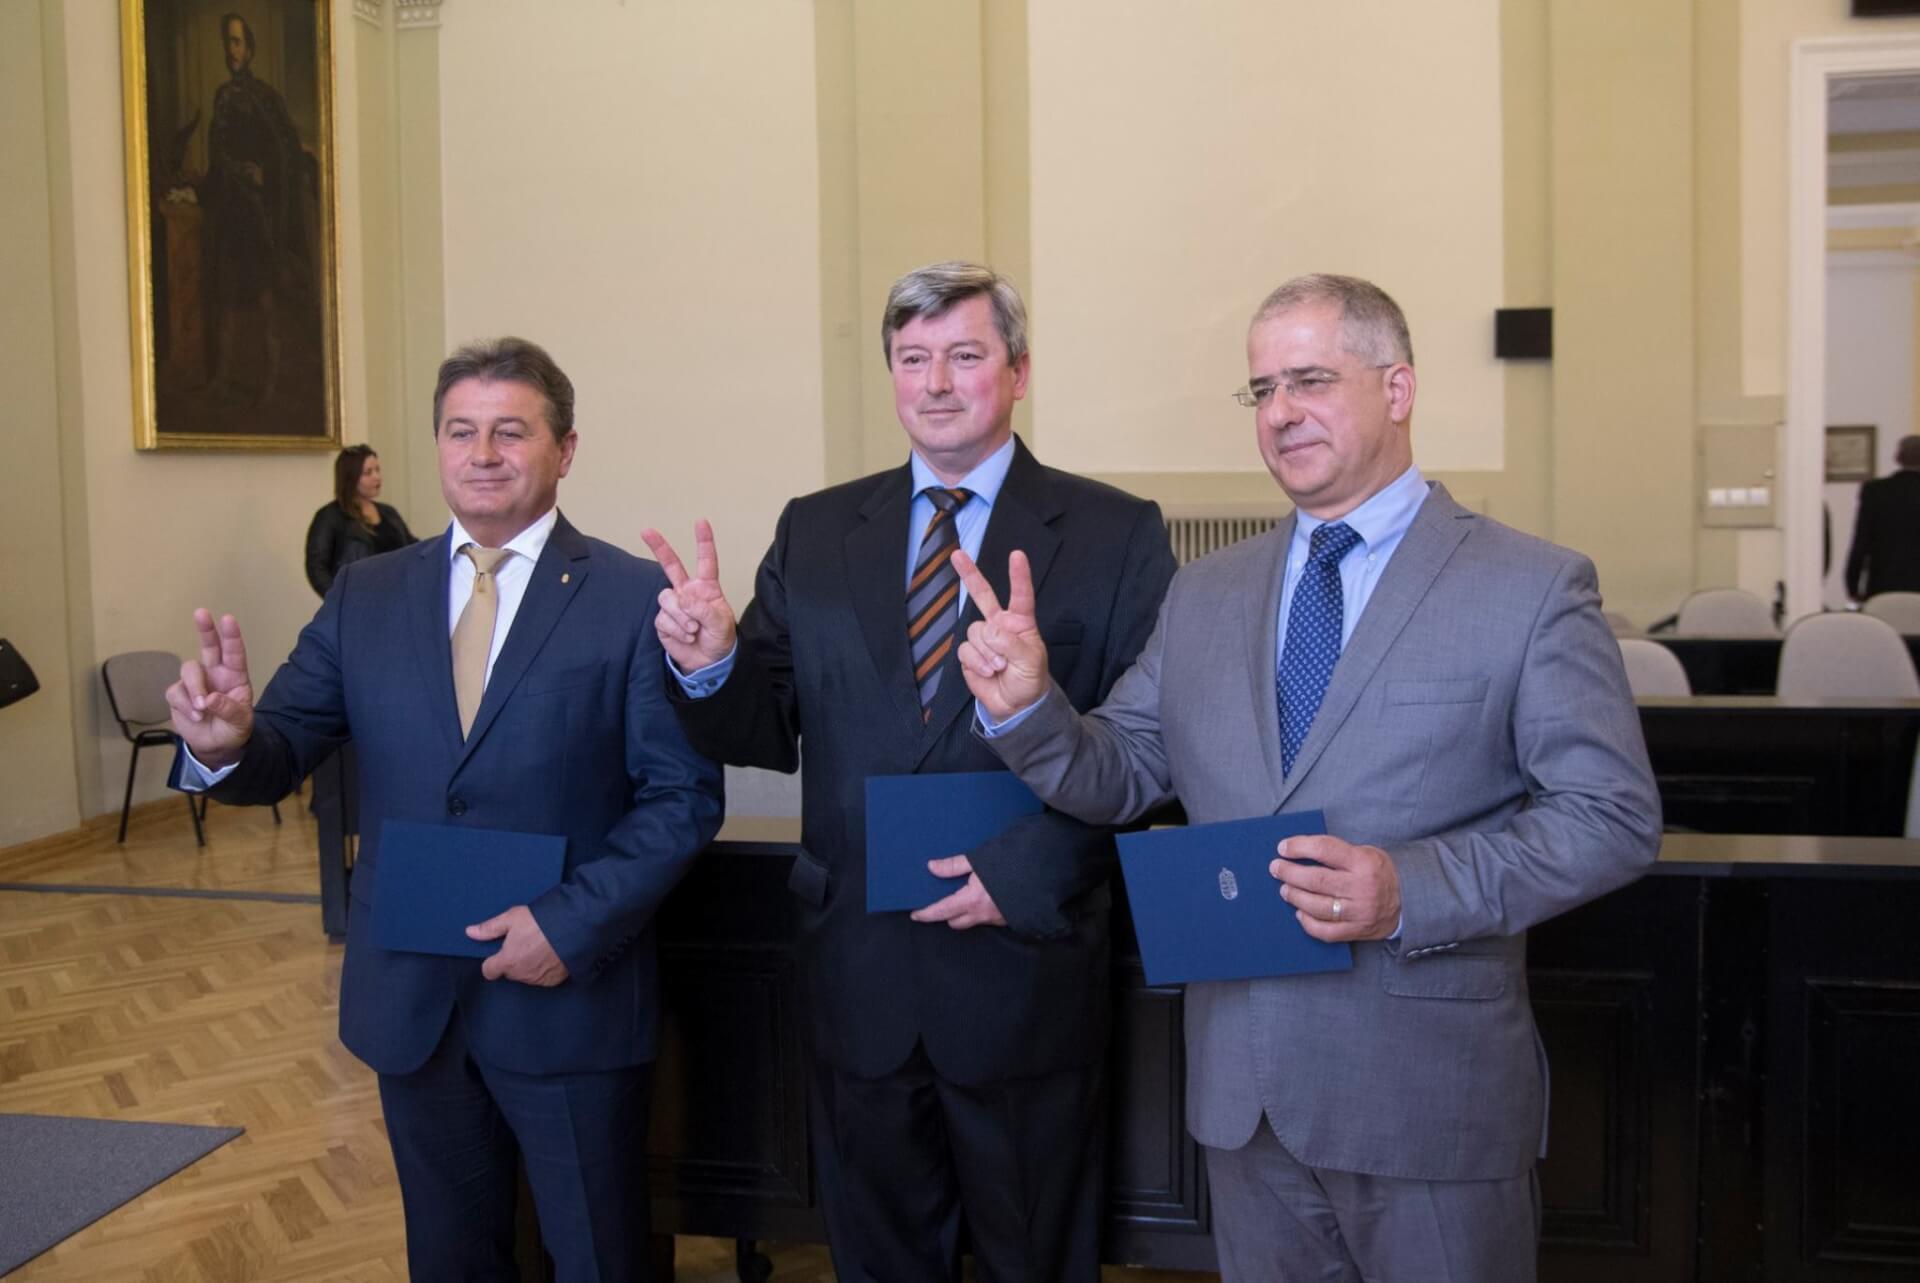 Átvettük a megbízólevelünket a választási bizottságtól. Debrecenért dolgozunk a következő országgyűlésben is! (Fotó: Facebook/Kósa Lajos)